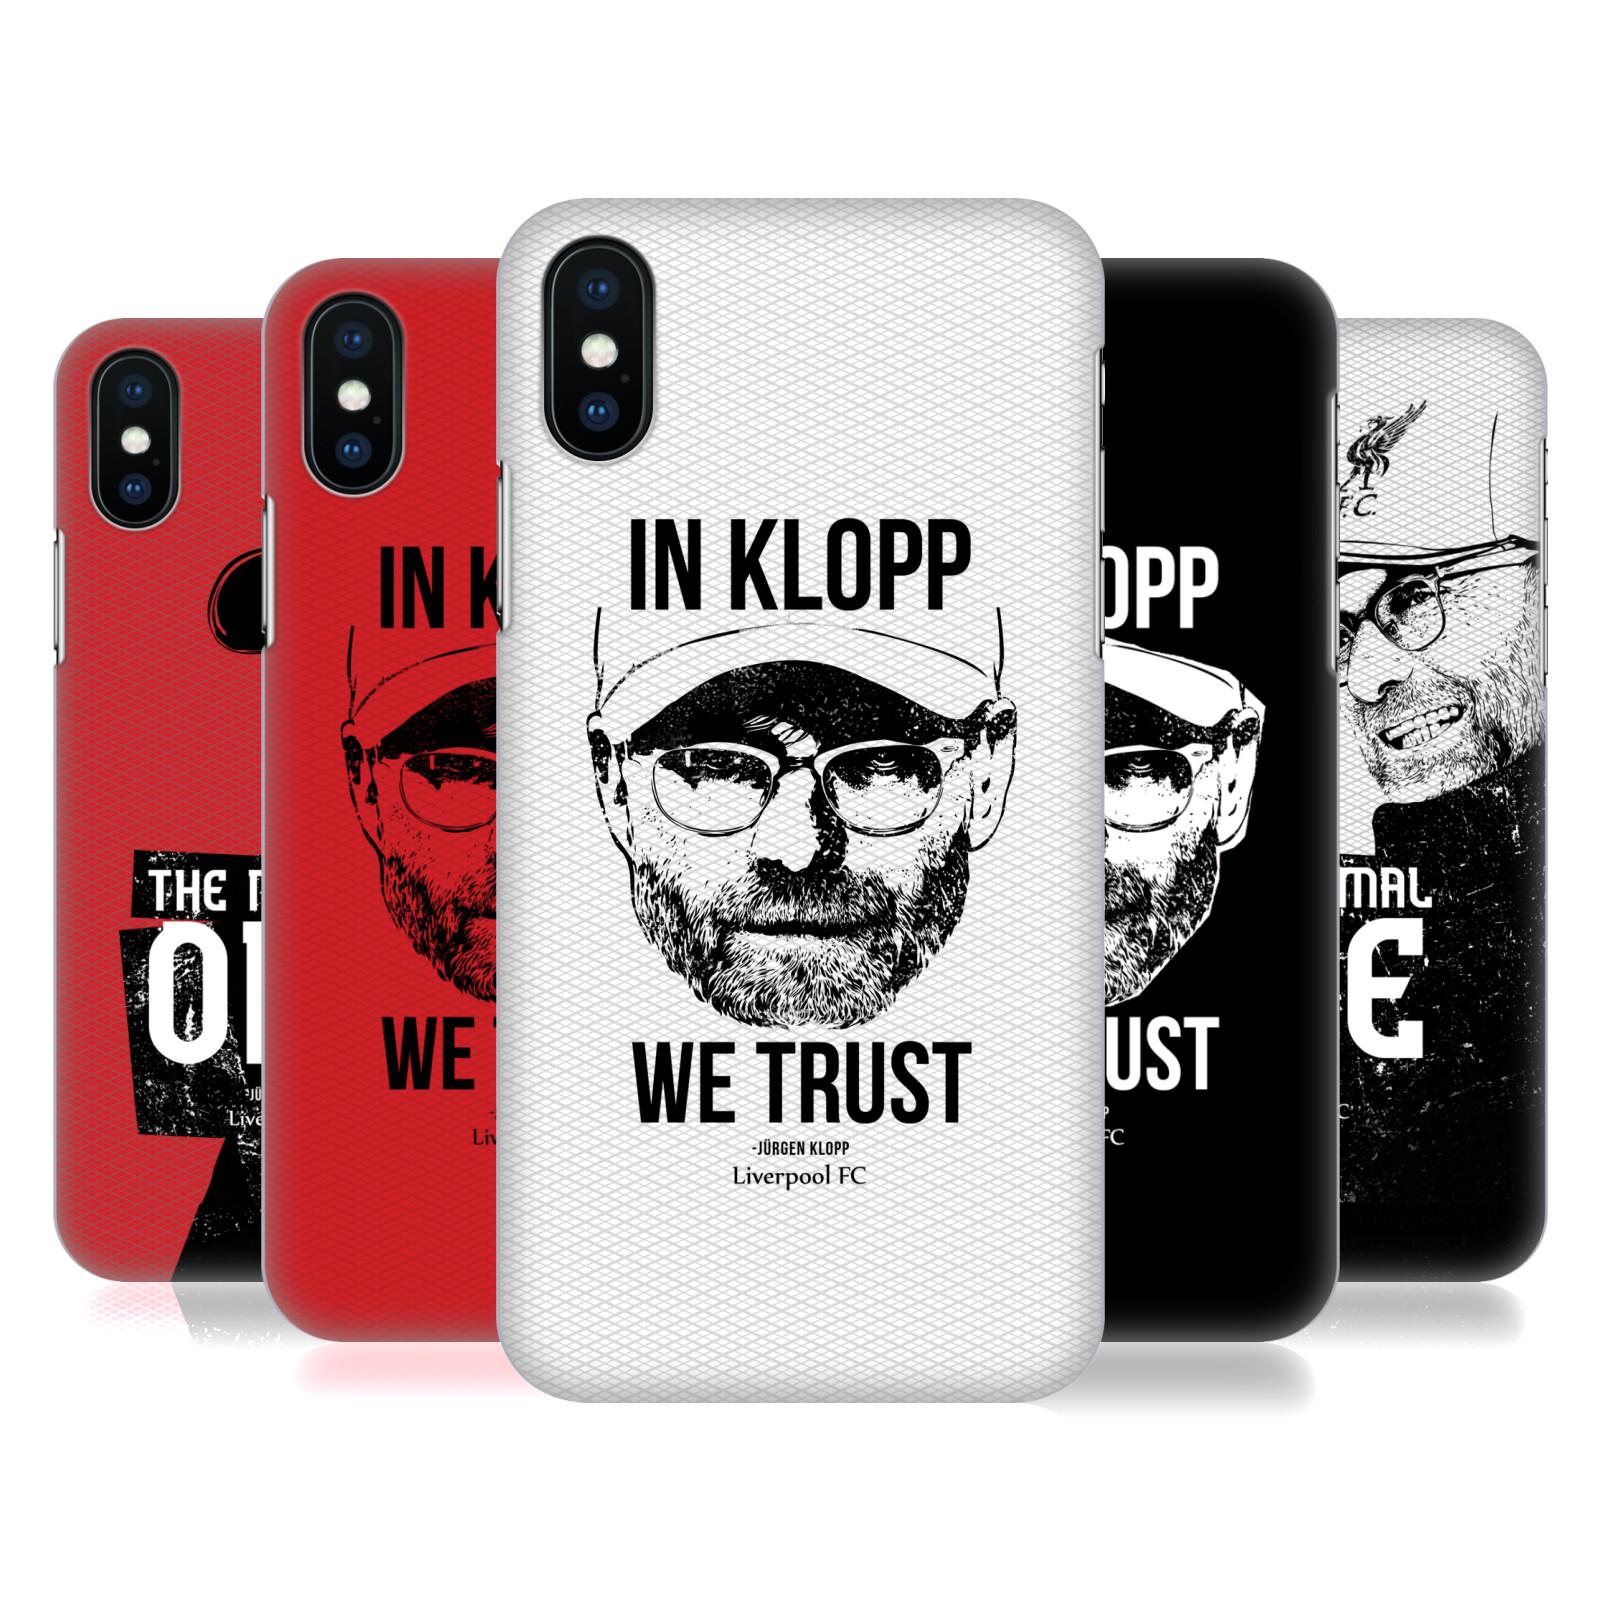 Liverpool Football Club Jurgen Klopp Illustrations